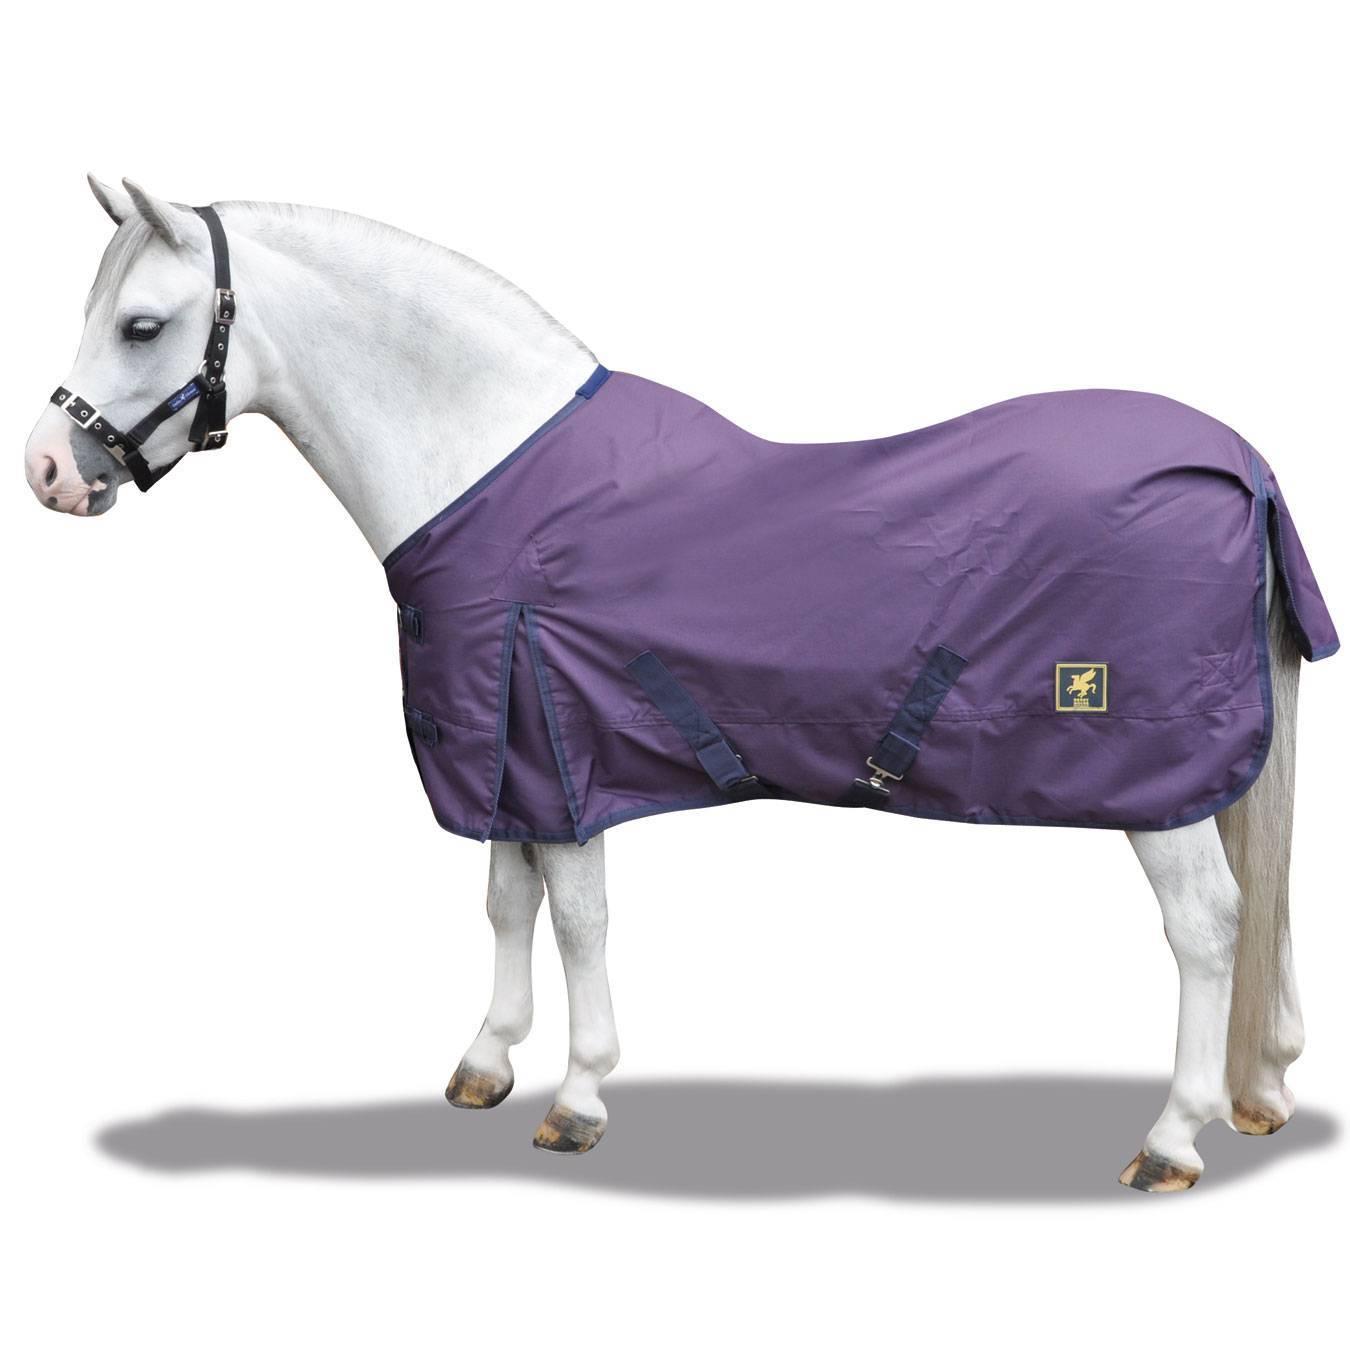 Fabric waterproof horse rugs